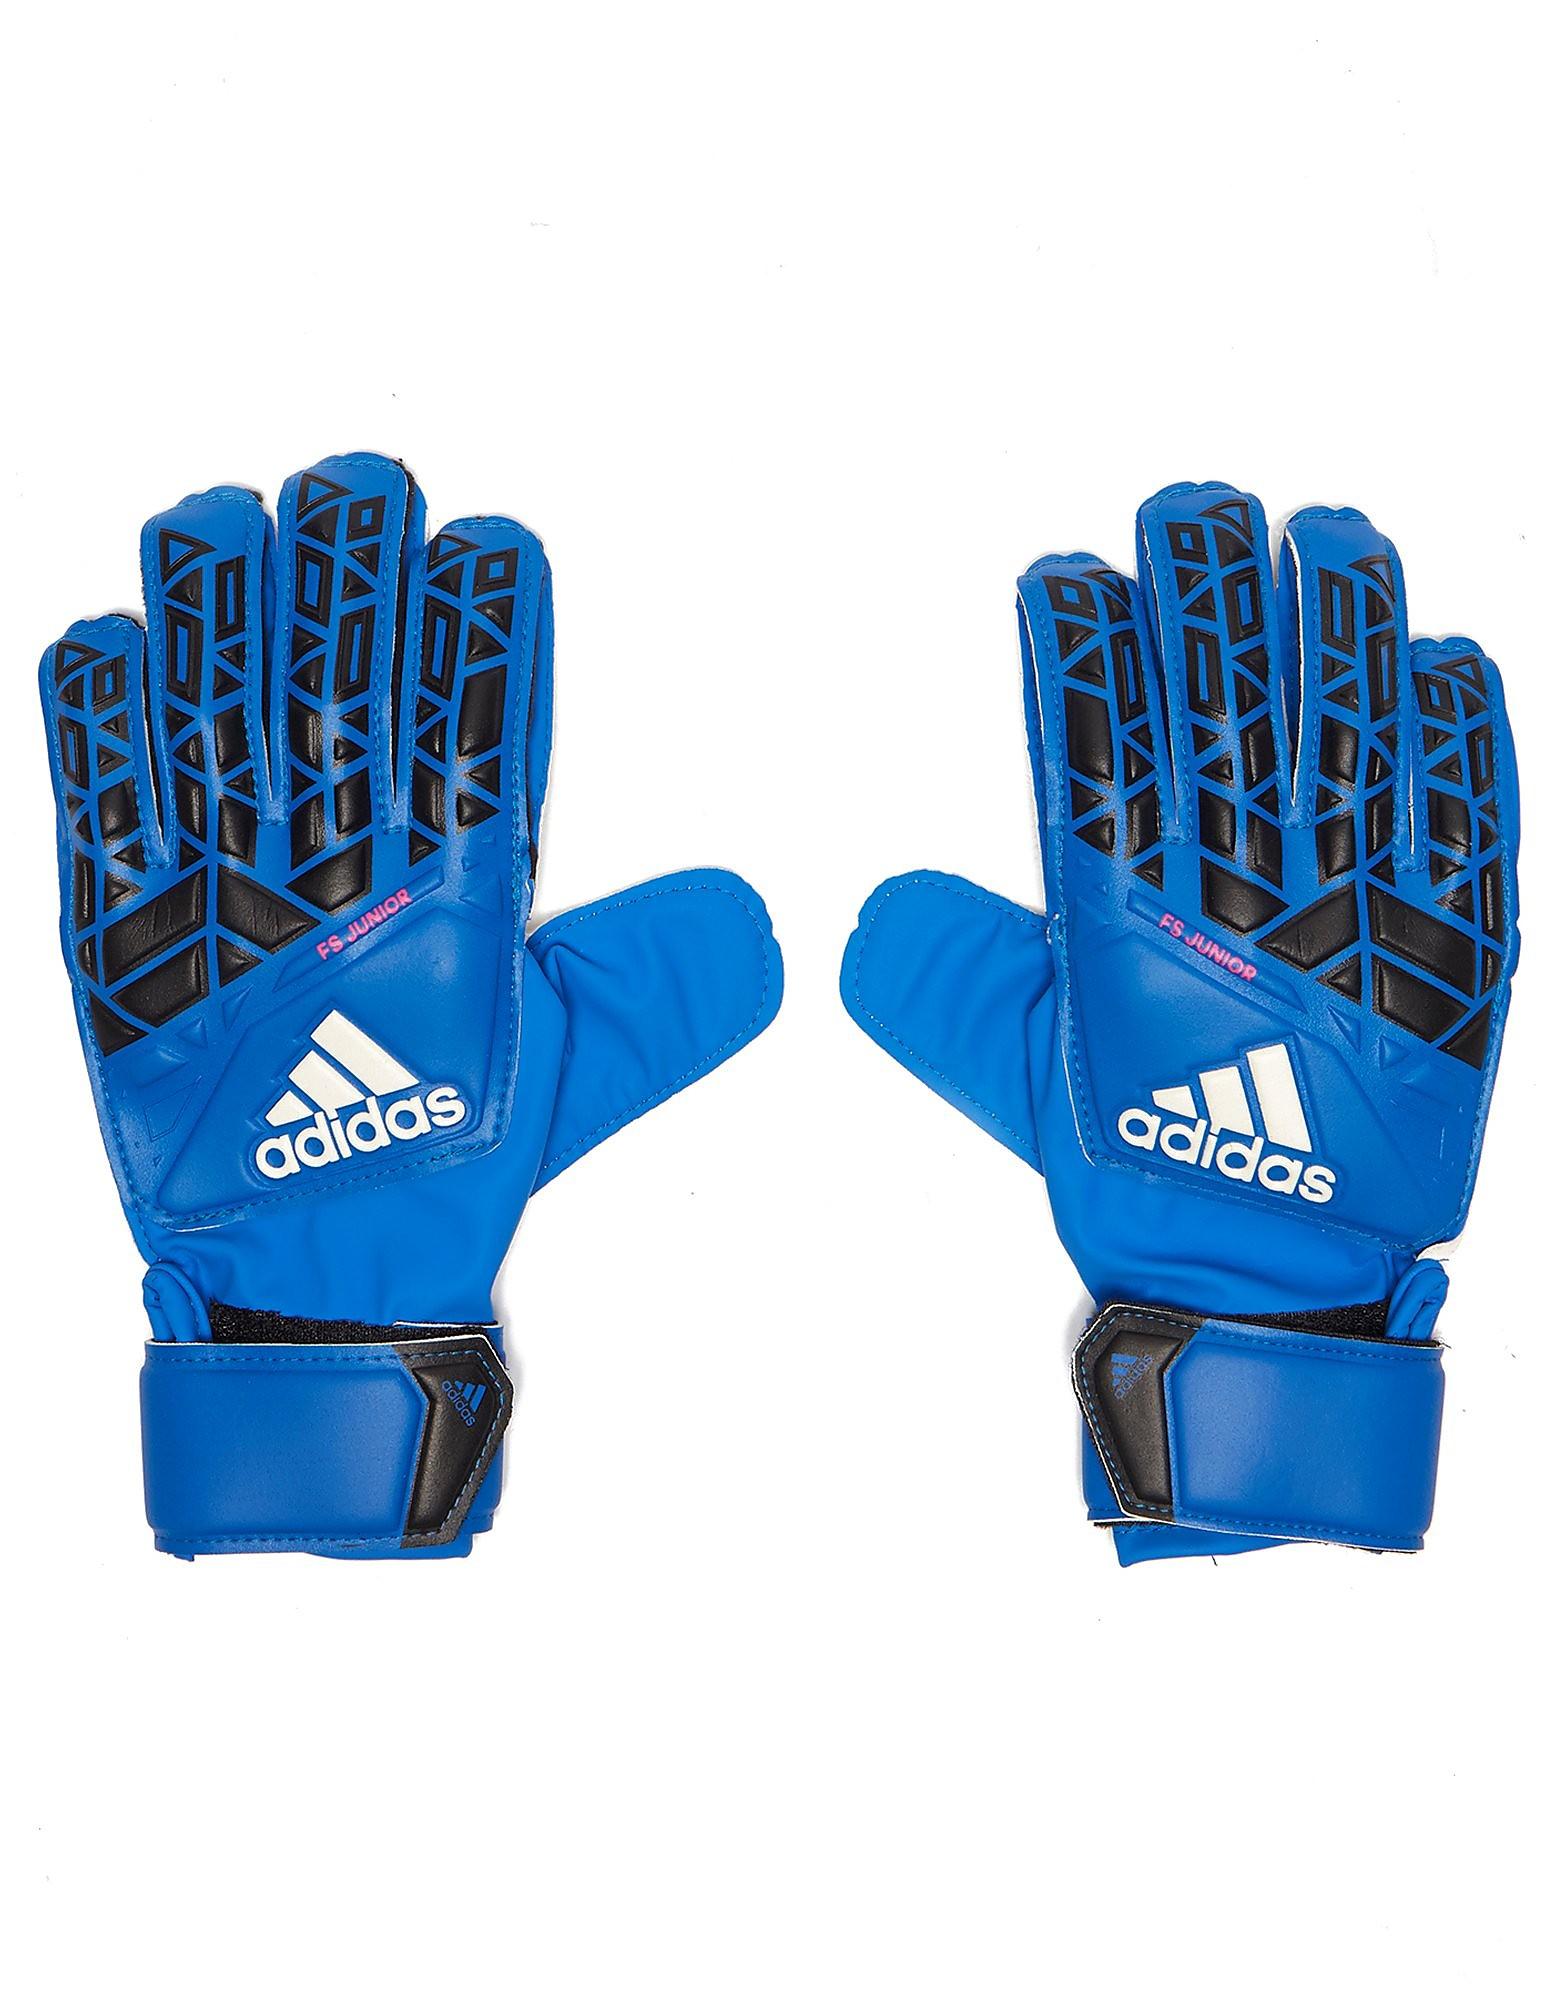 Leather gloves mens jd - Adidas Ace Fingersave Goalkeeping Gloves Blue Kids Blue